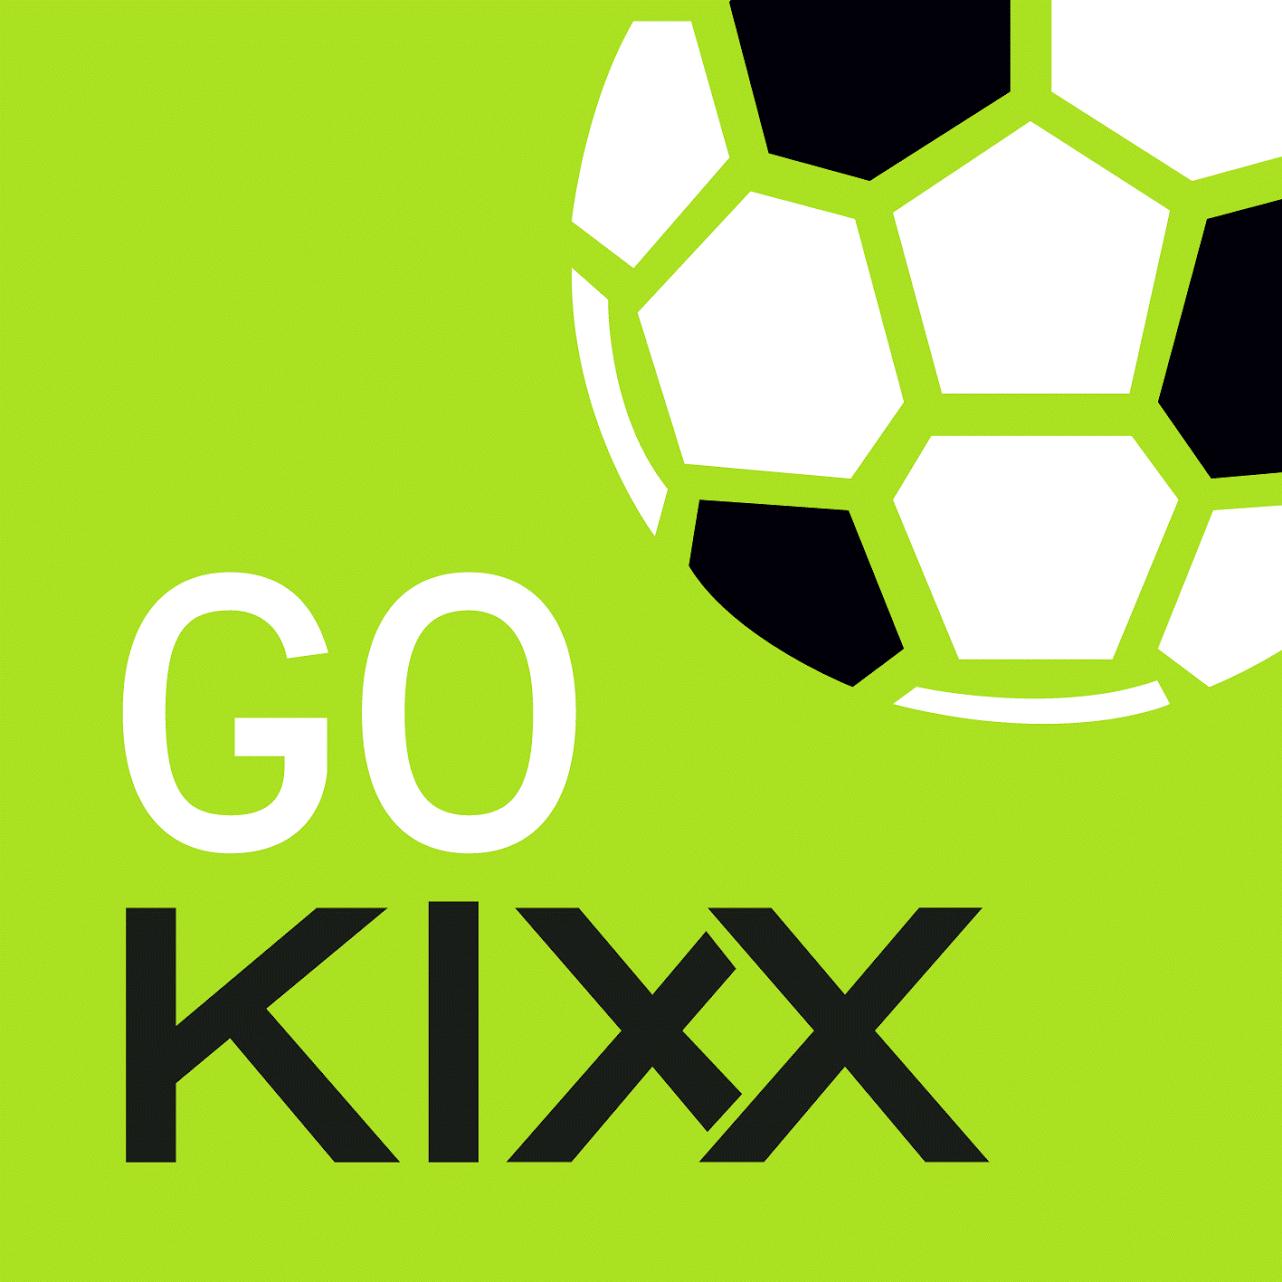 GOKIXX